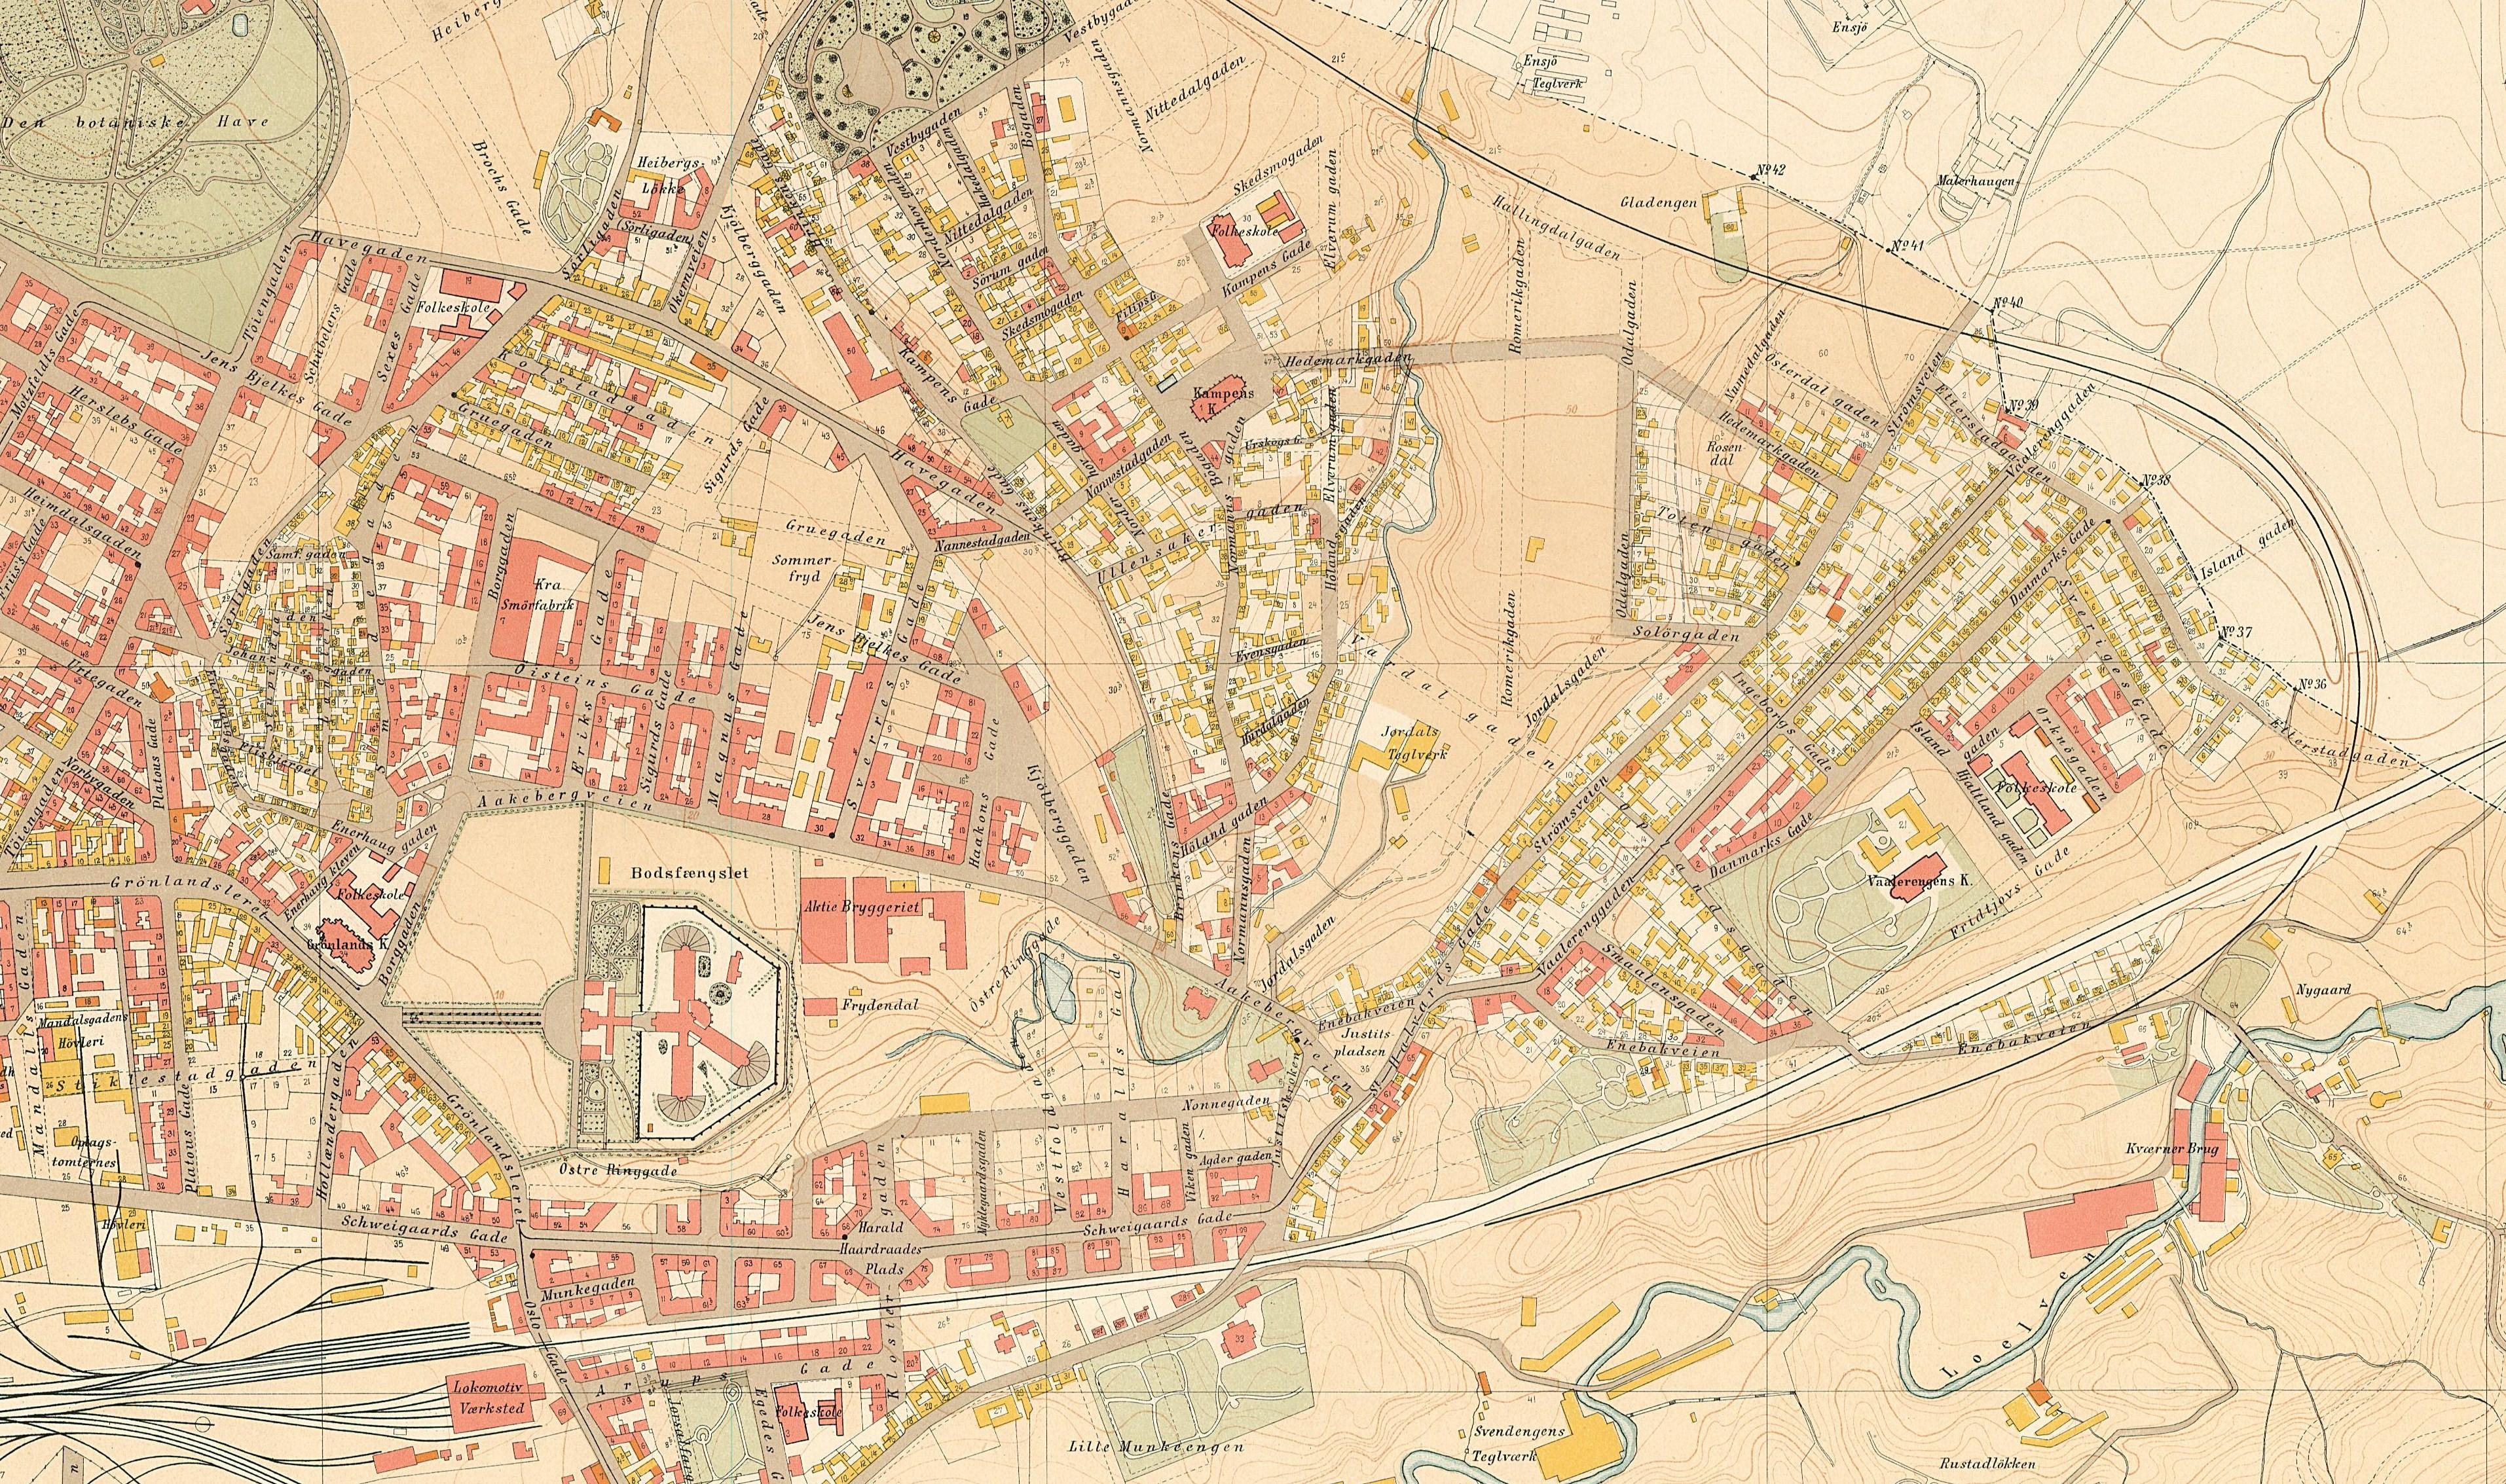 kart over tøyen Kampen Historielag kart over tøyen